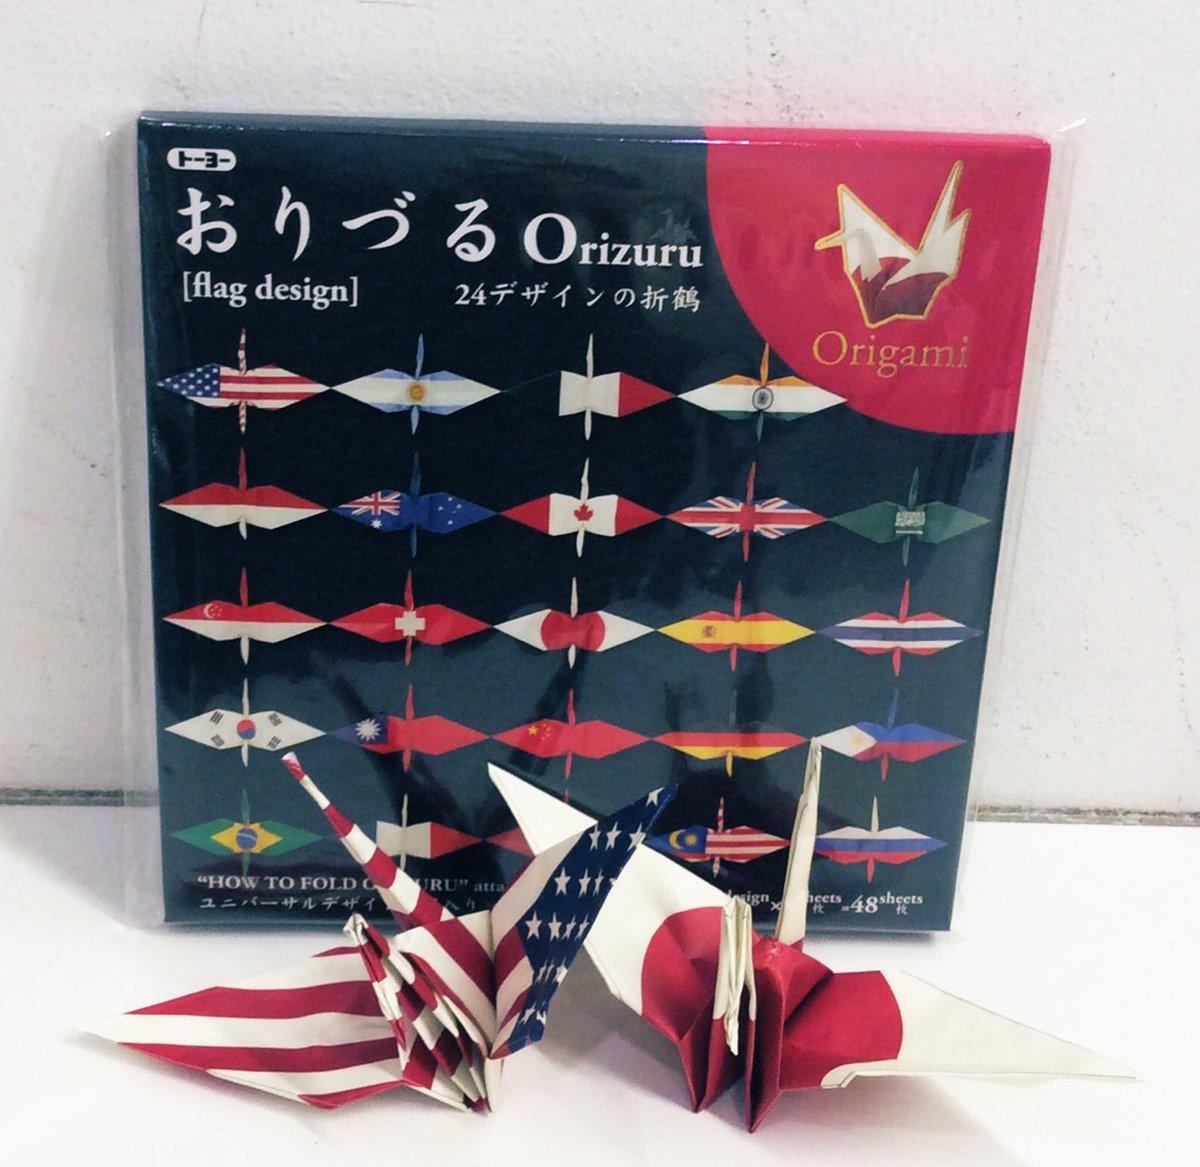 test ツイッターメディア - こちらは国旗デザインの折鶴が作れる #Origami  🇯🇵🇬🇧  #おりがみ に描かれた線にそって折れば、鶴が作れるようになっています😊 24の国、各2枚入り   #伊東屋 #成田空港 #itoya  #stationery https://t.co/v3sc2q7BS1